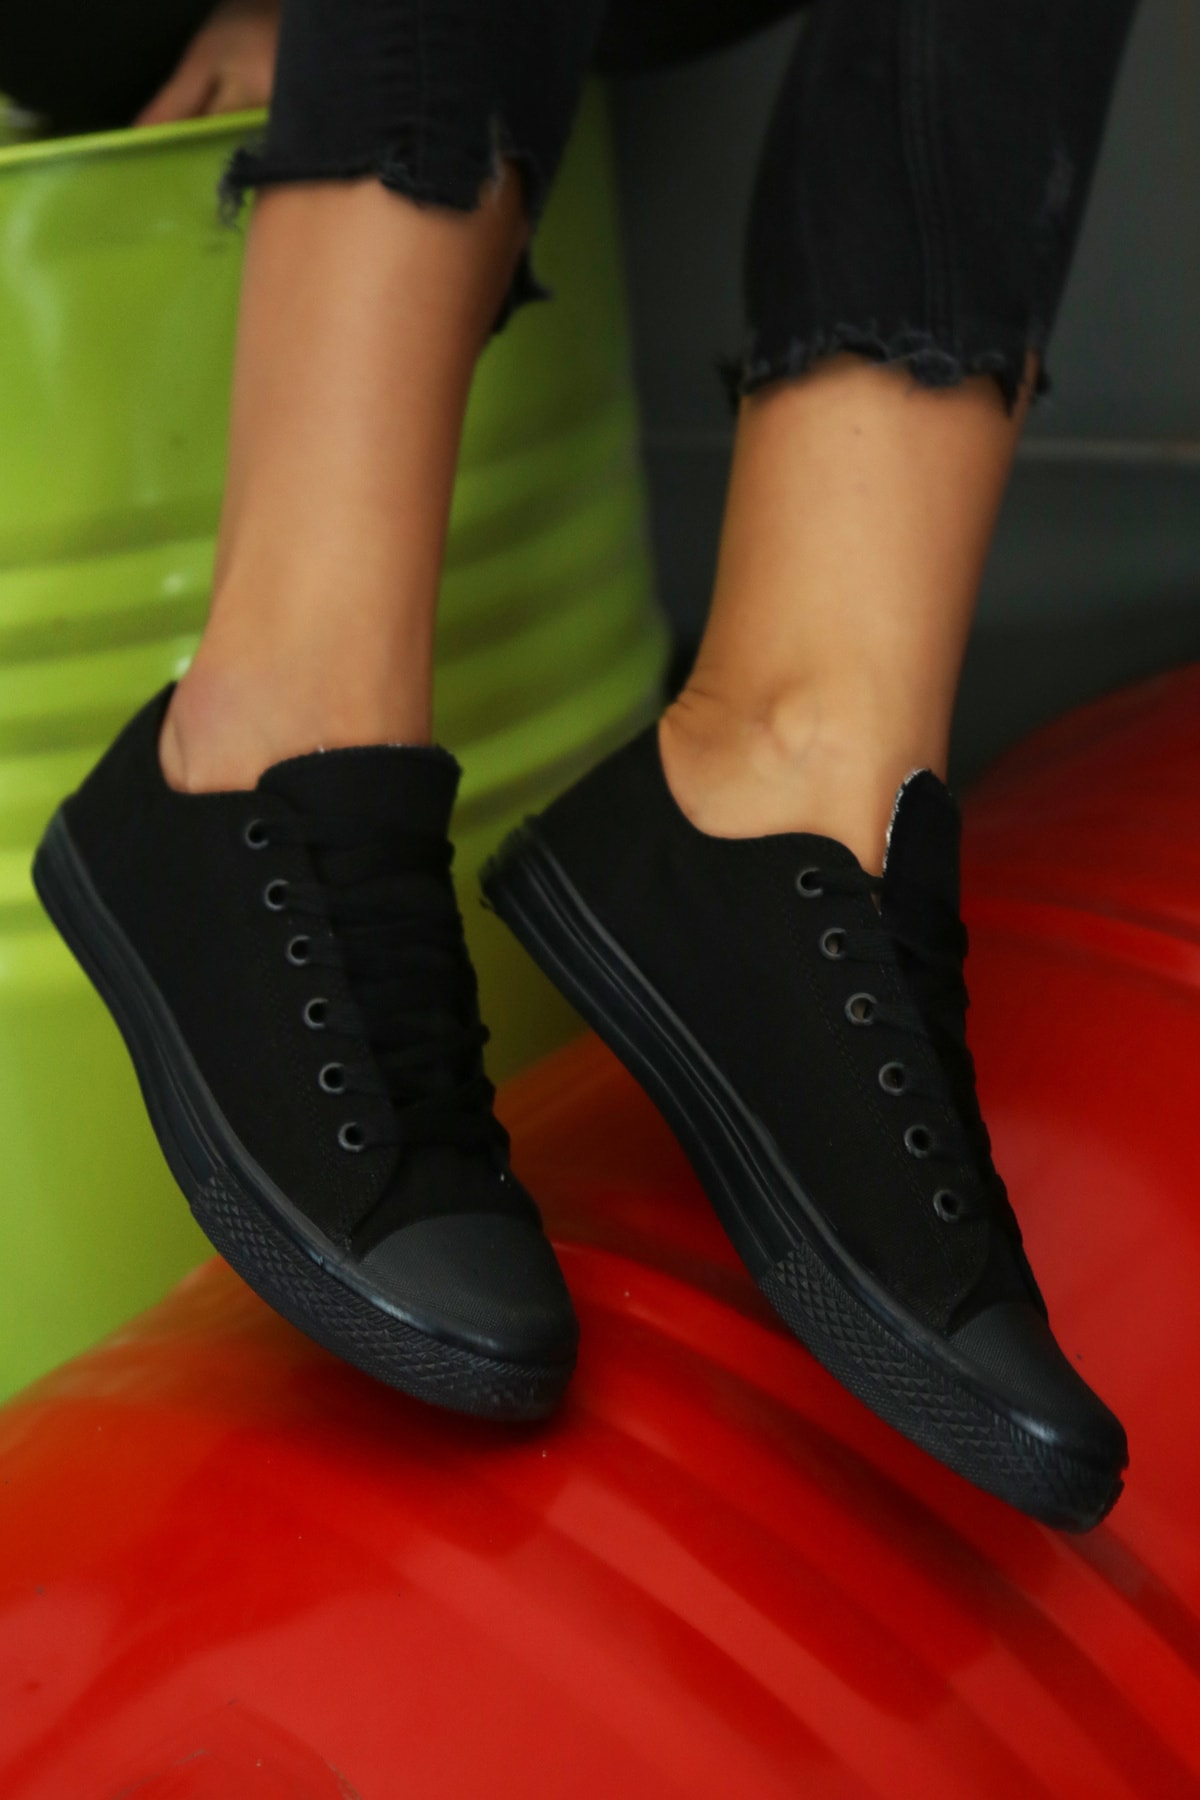 Ayakkabı Modası Kadın Siyah Ayakkabı M9999-19-100165R 2